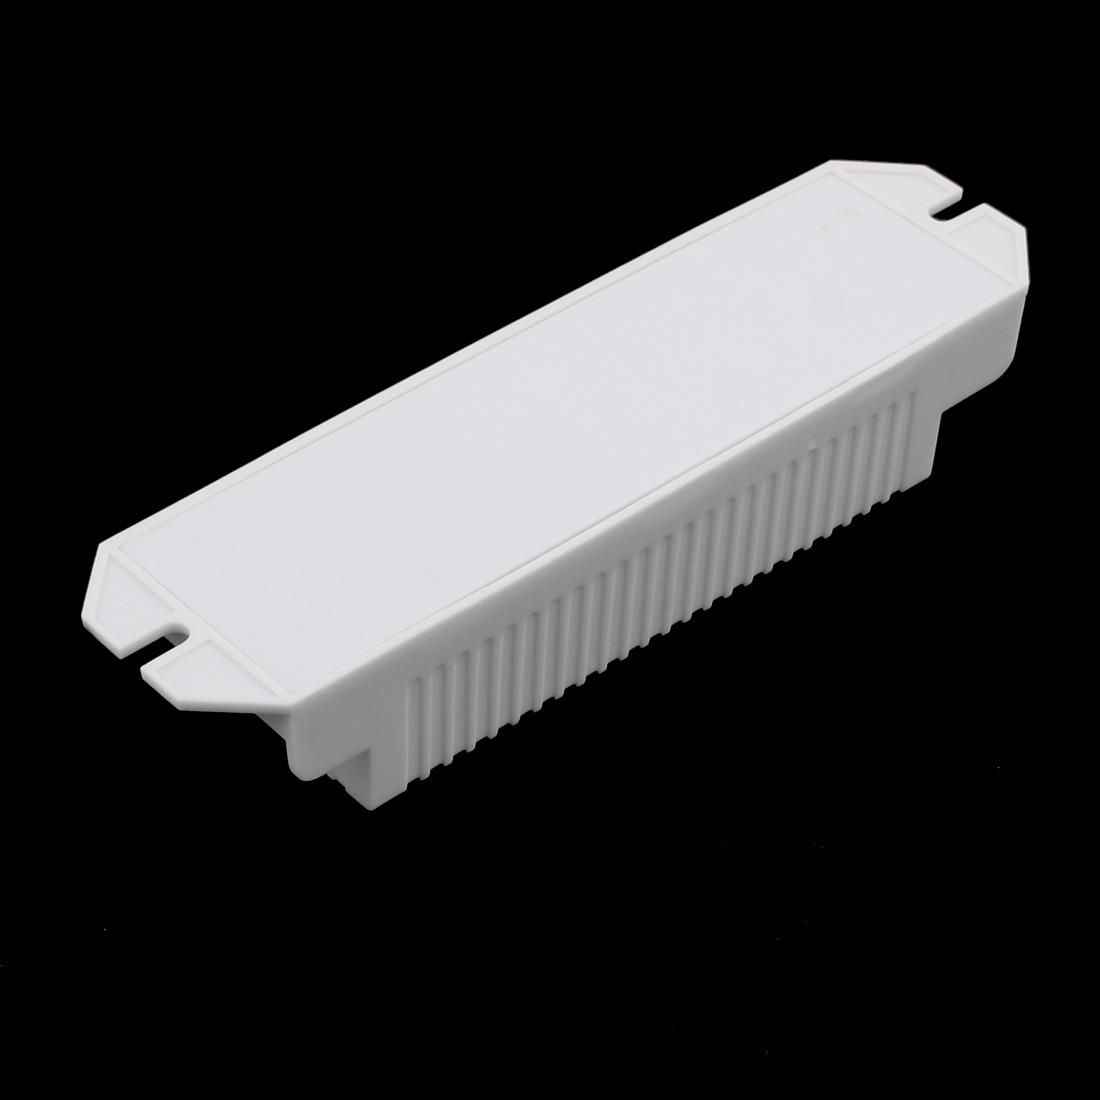 6Pcs 154mmx40mmx29mm Bo tier raccordement plastique Coquille pour LED Guide - image 1 de 3